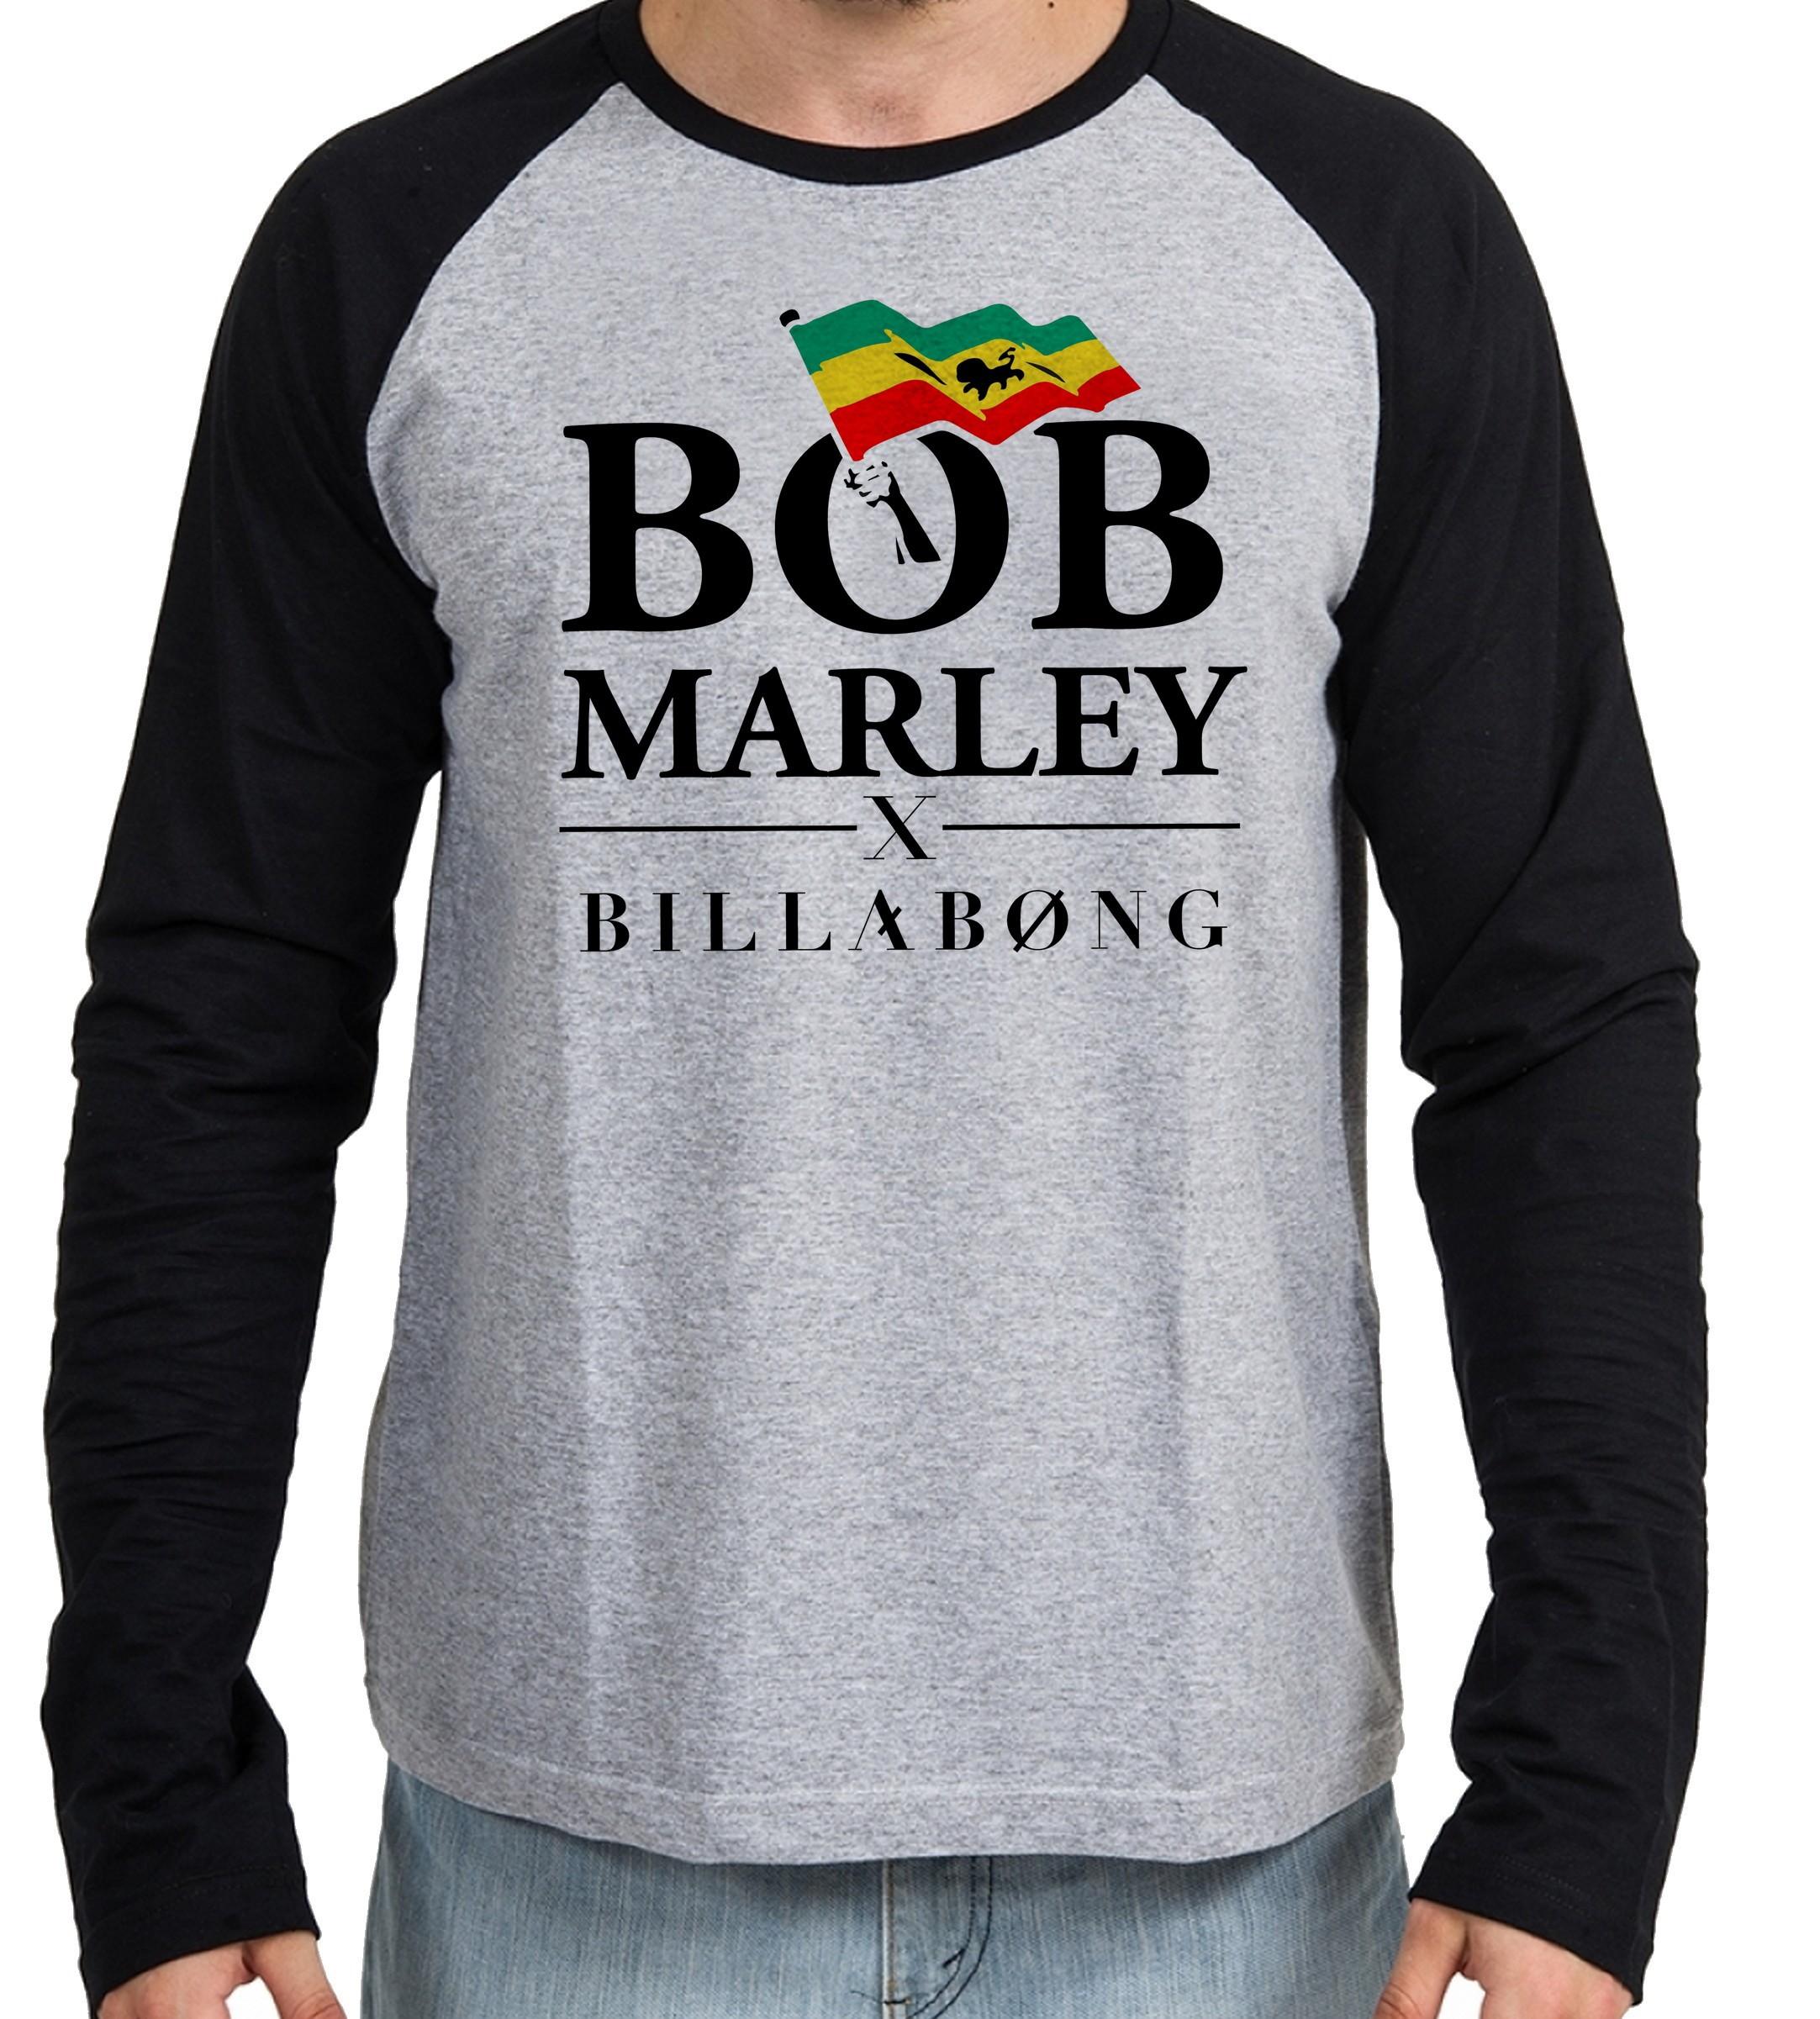 48fea1e255 Camiseta manga longa personalizada billabong bob marley no Elo7   Empório  Dutra (F67CED)